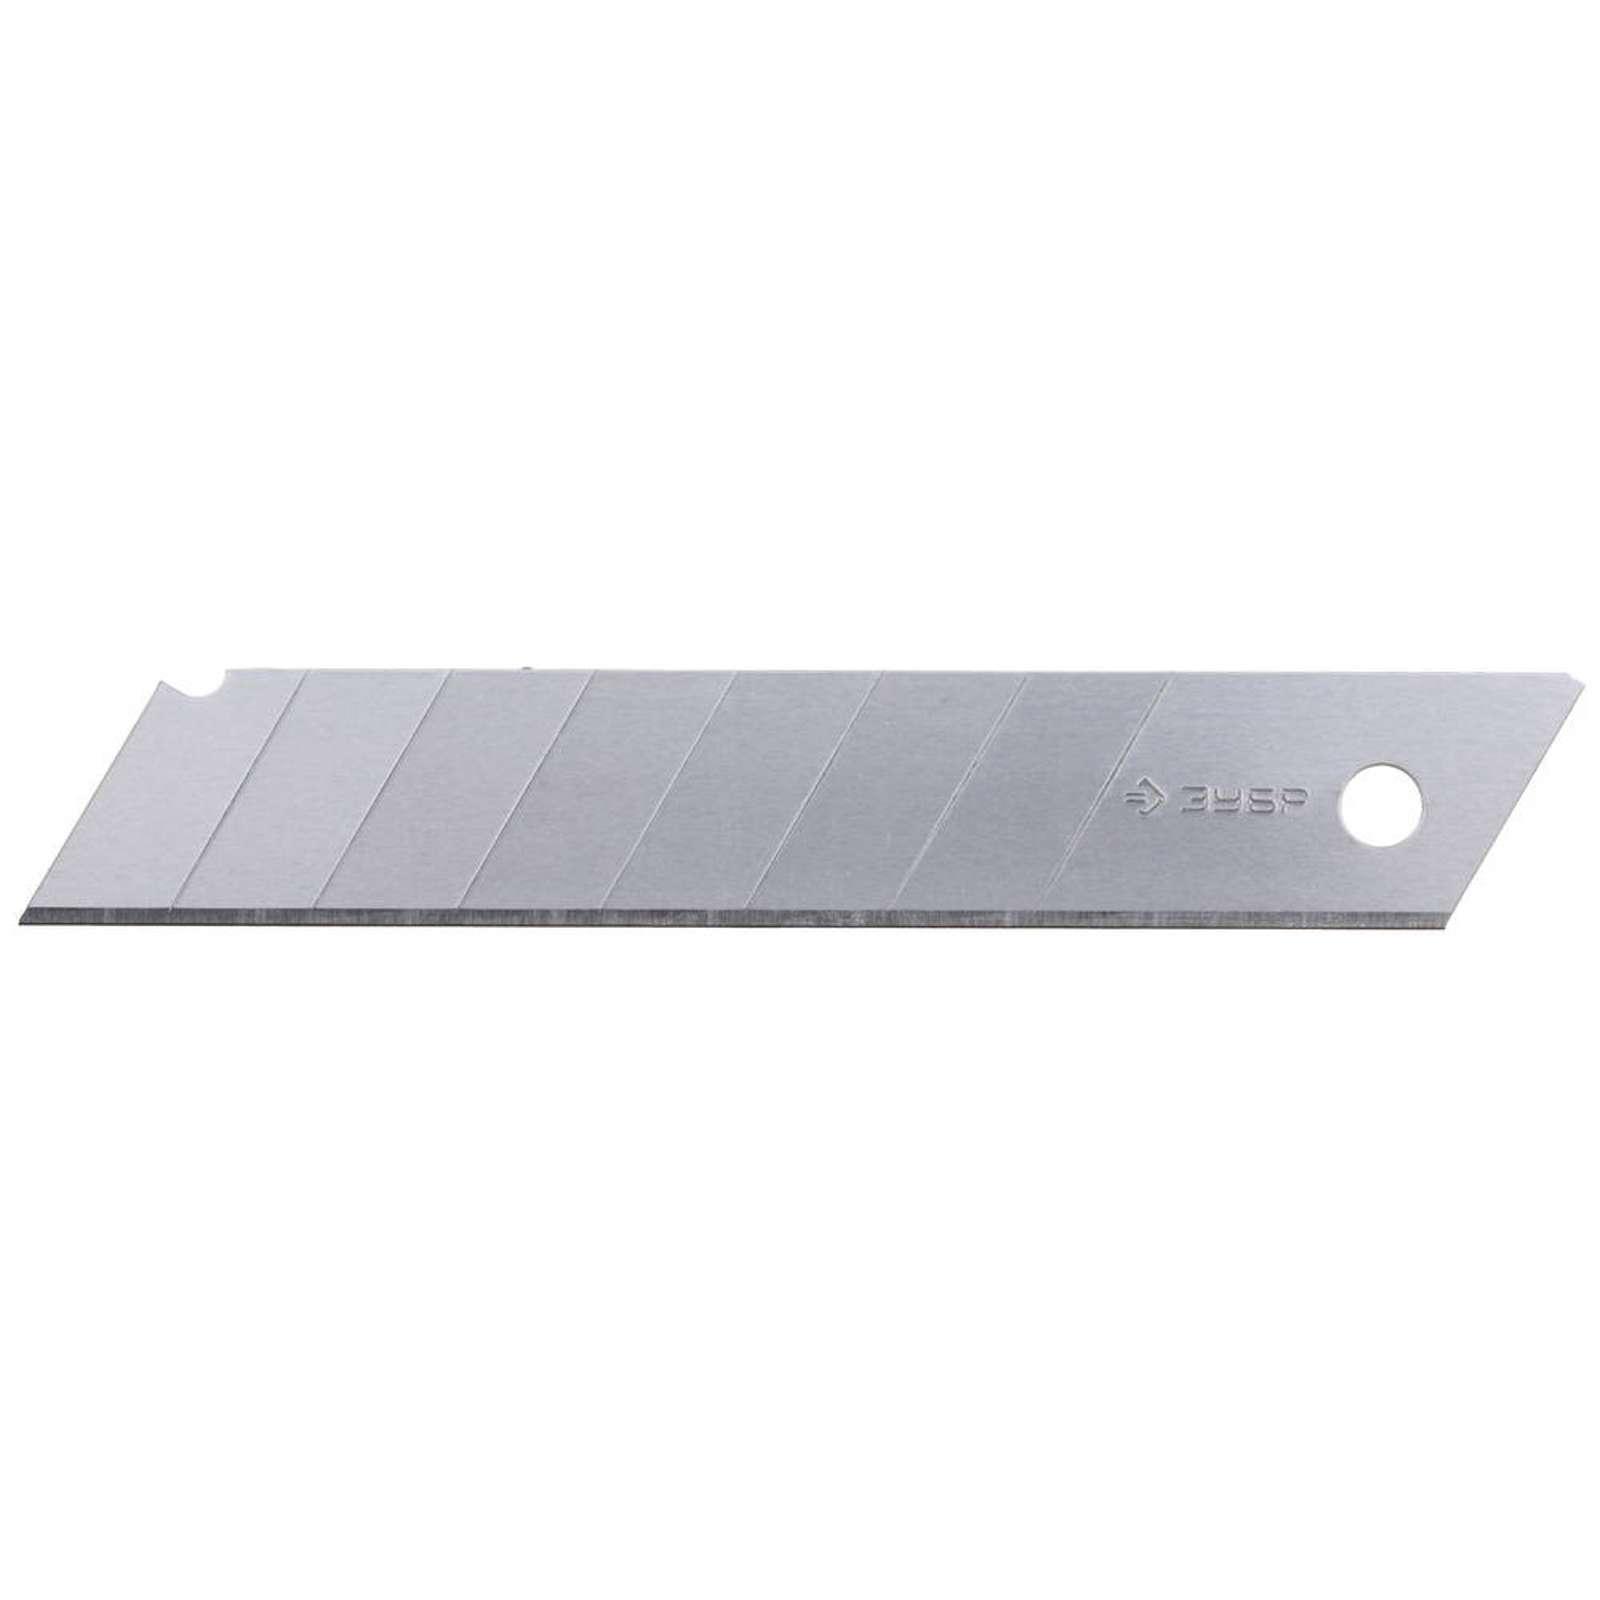 """Лезвия ЗУБР """"ЭКСПЕРТ"""" сегментированные, улучшенная инструментальная сталь У8А, в боксе, 18 мм, 10шт"""